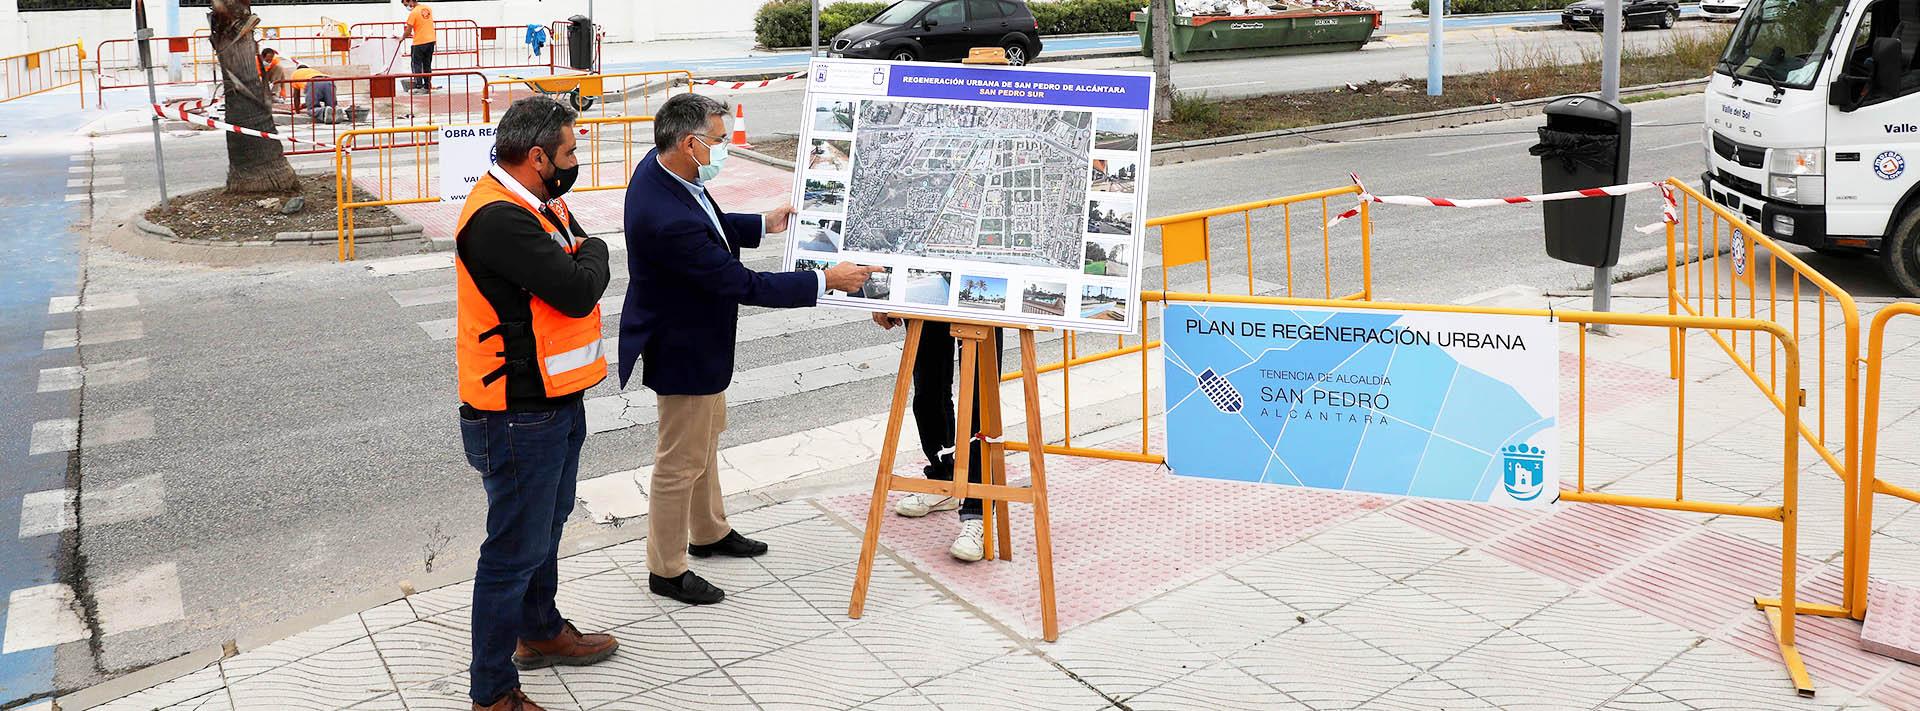 Siguen las obras en la zona sur de San Pedro Alcántara